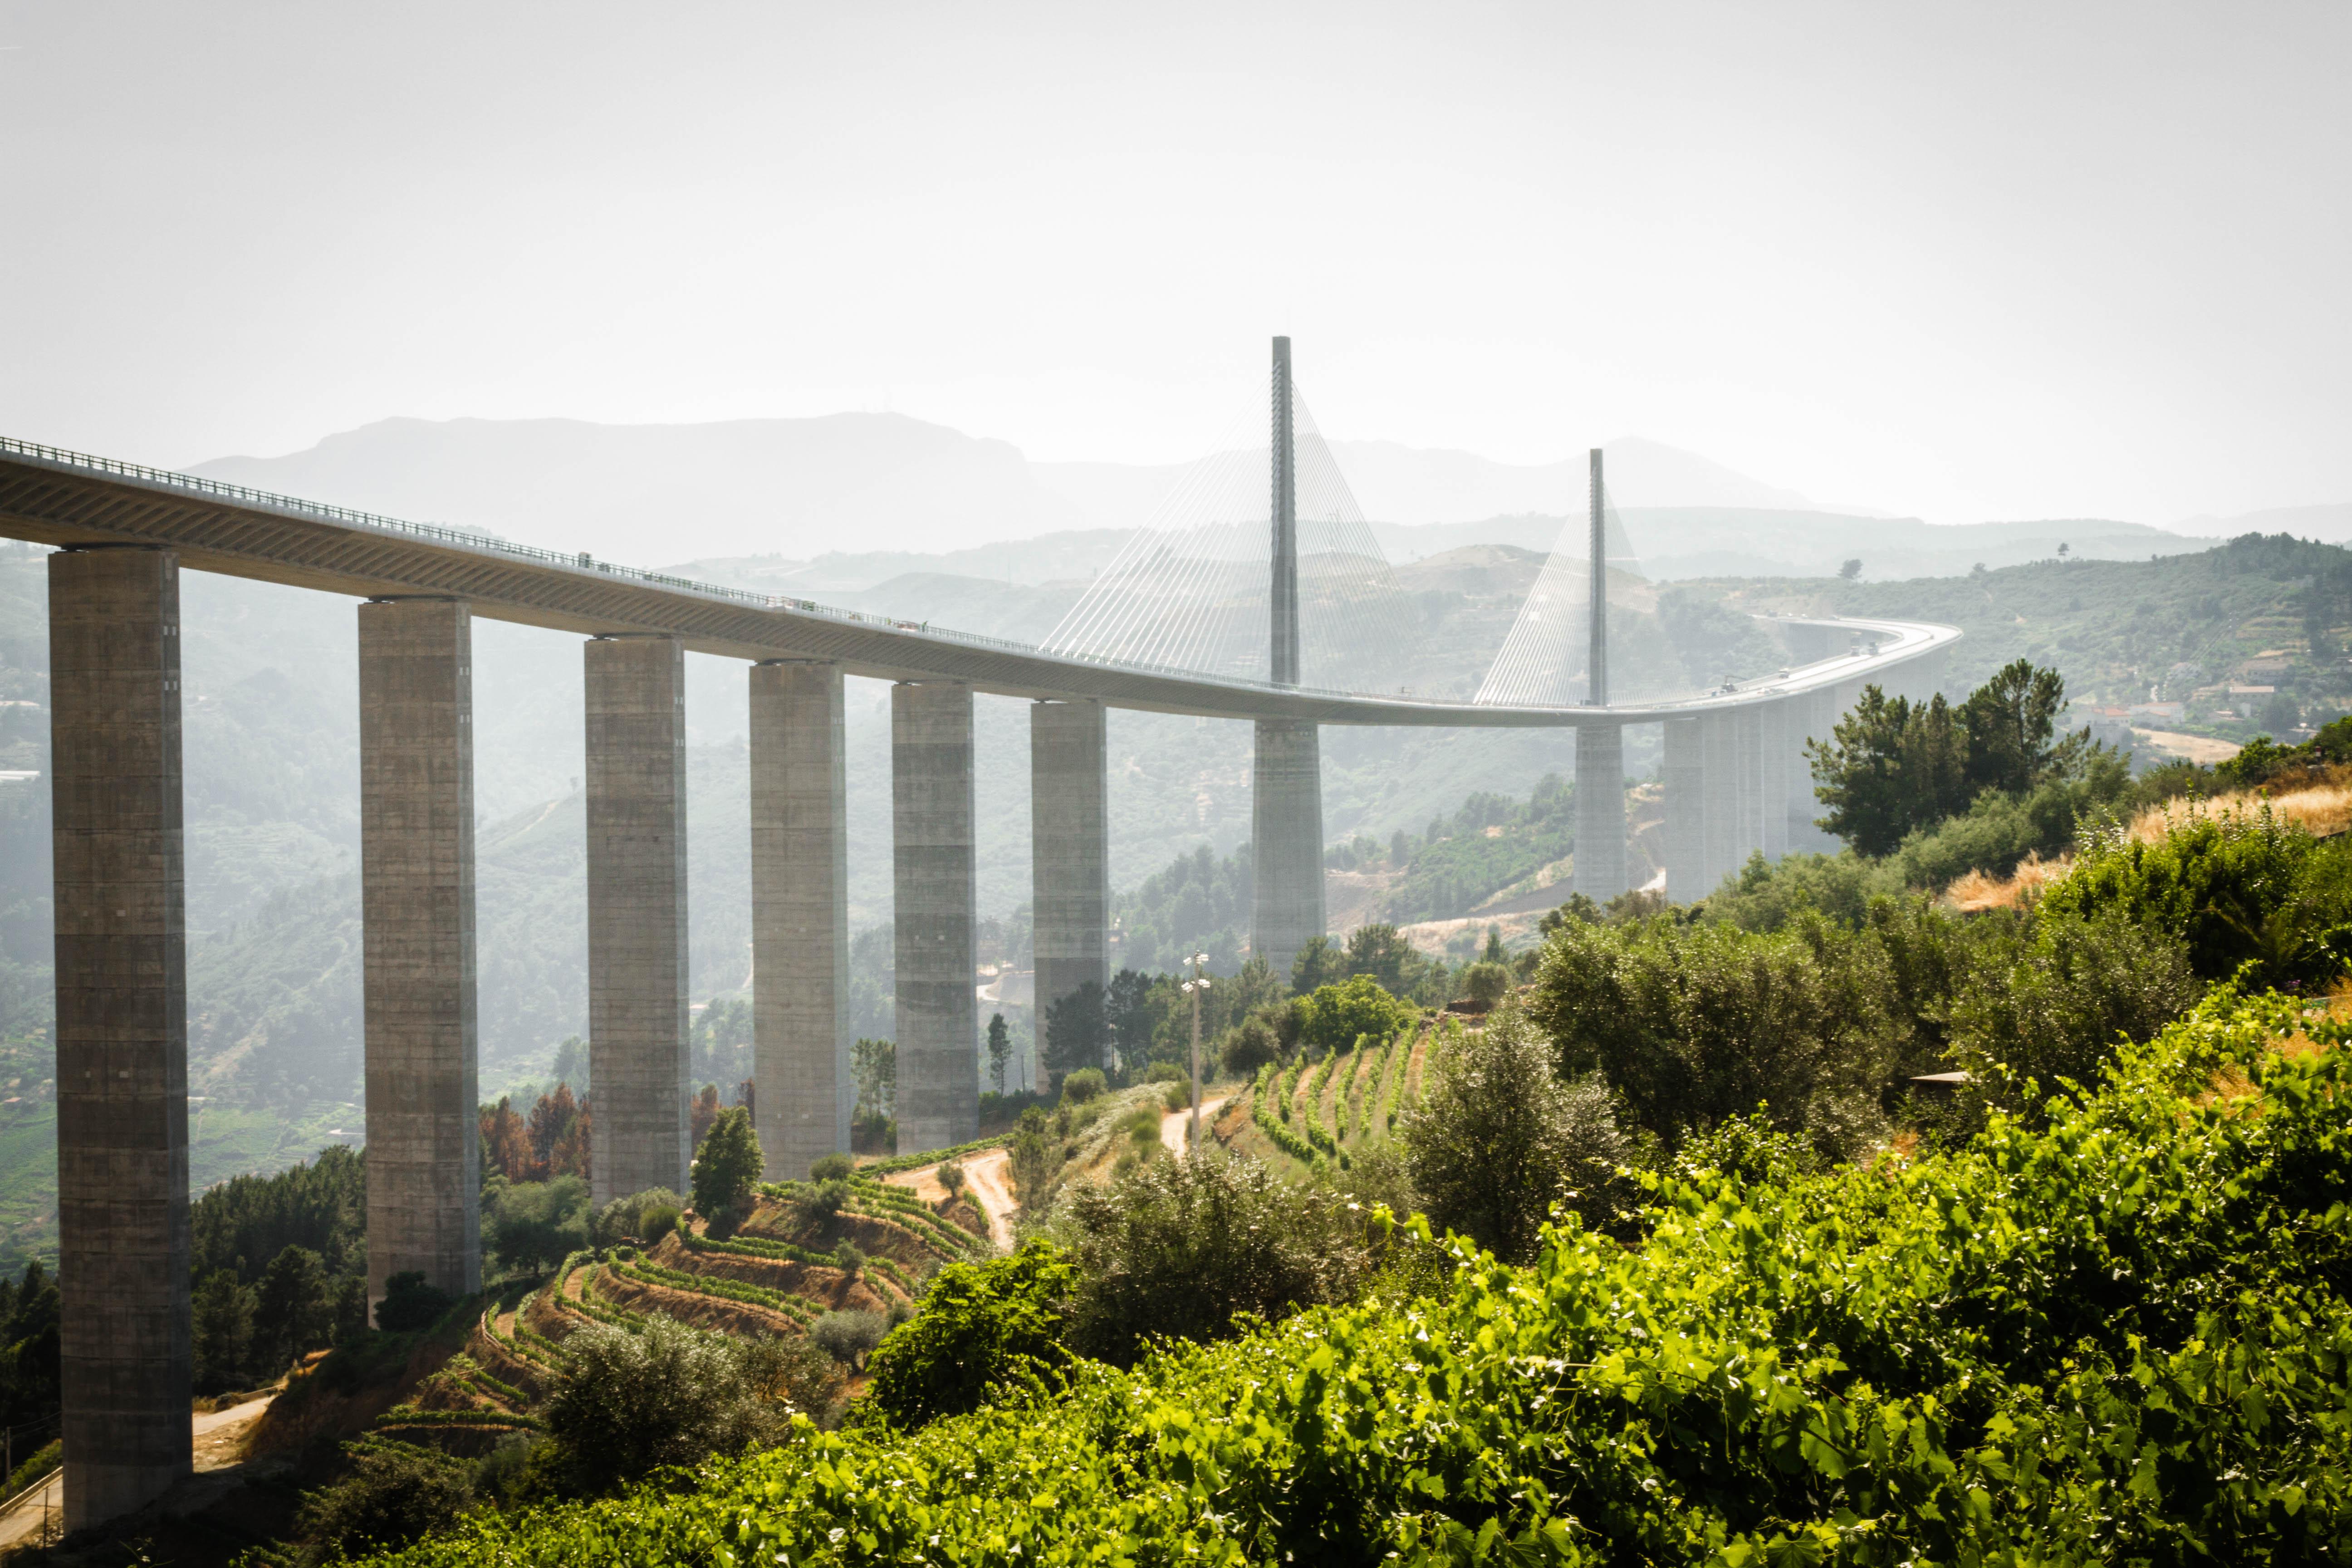 Viaducto del Corgo